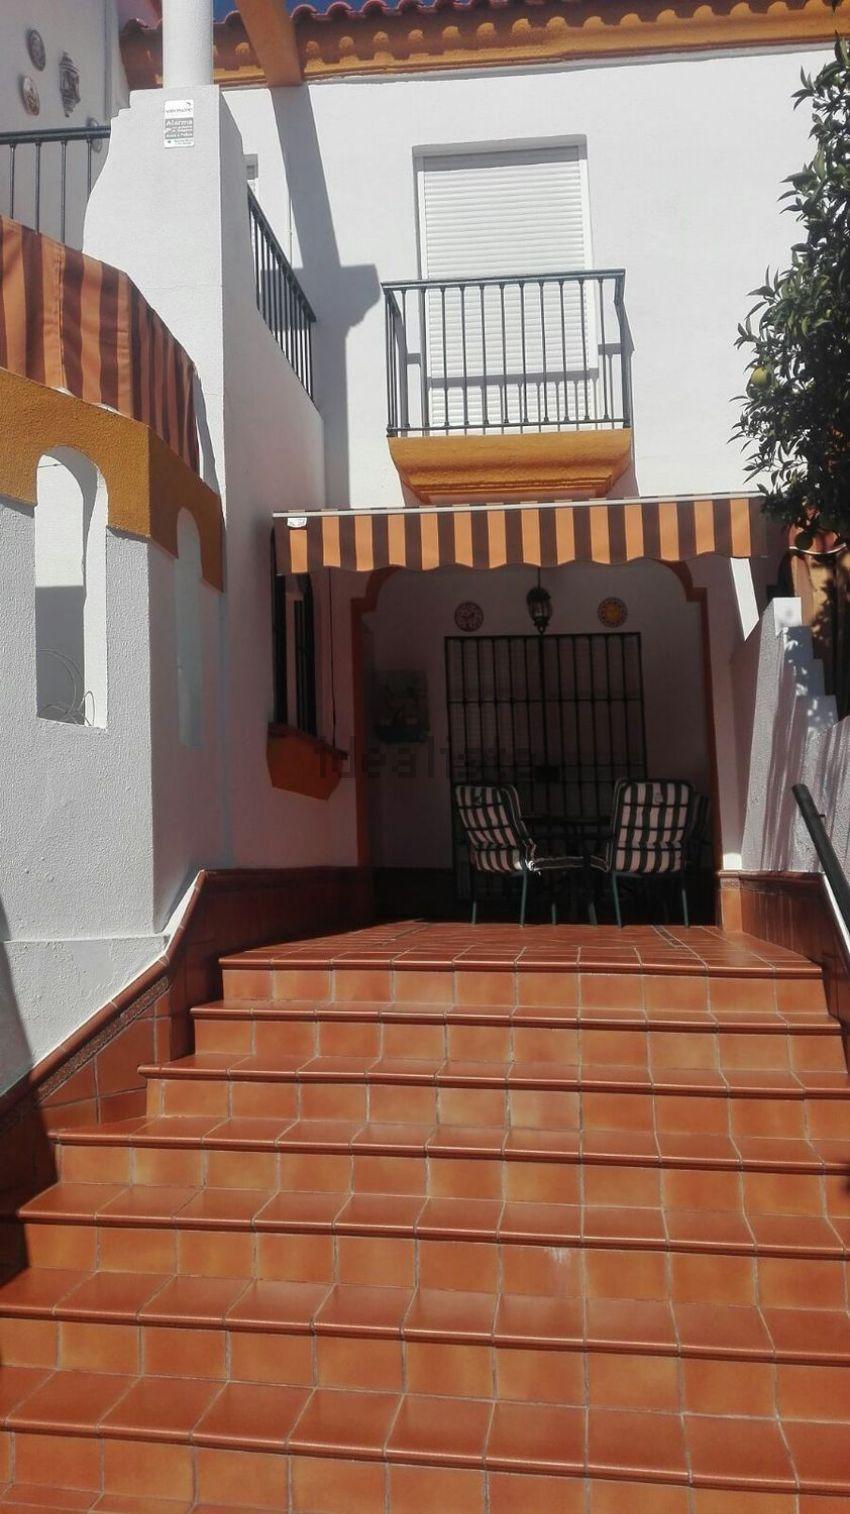 Chalet adosado en calle Clavel, Cavaleri, Mairena del Aljarafe